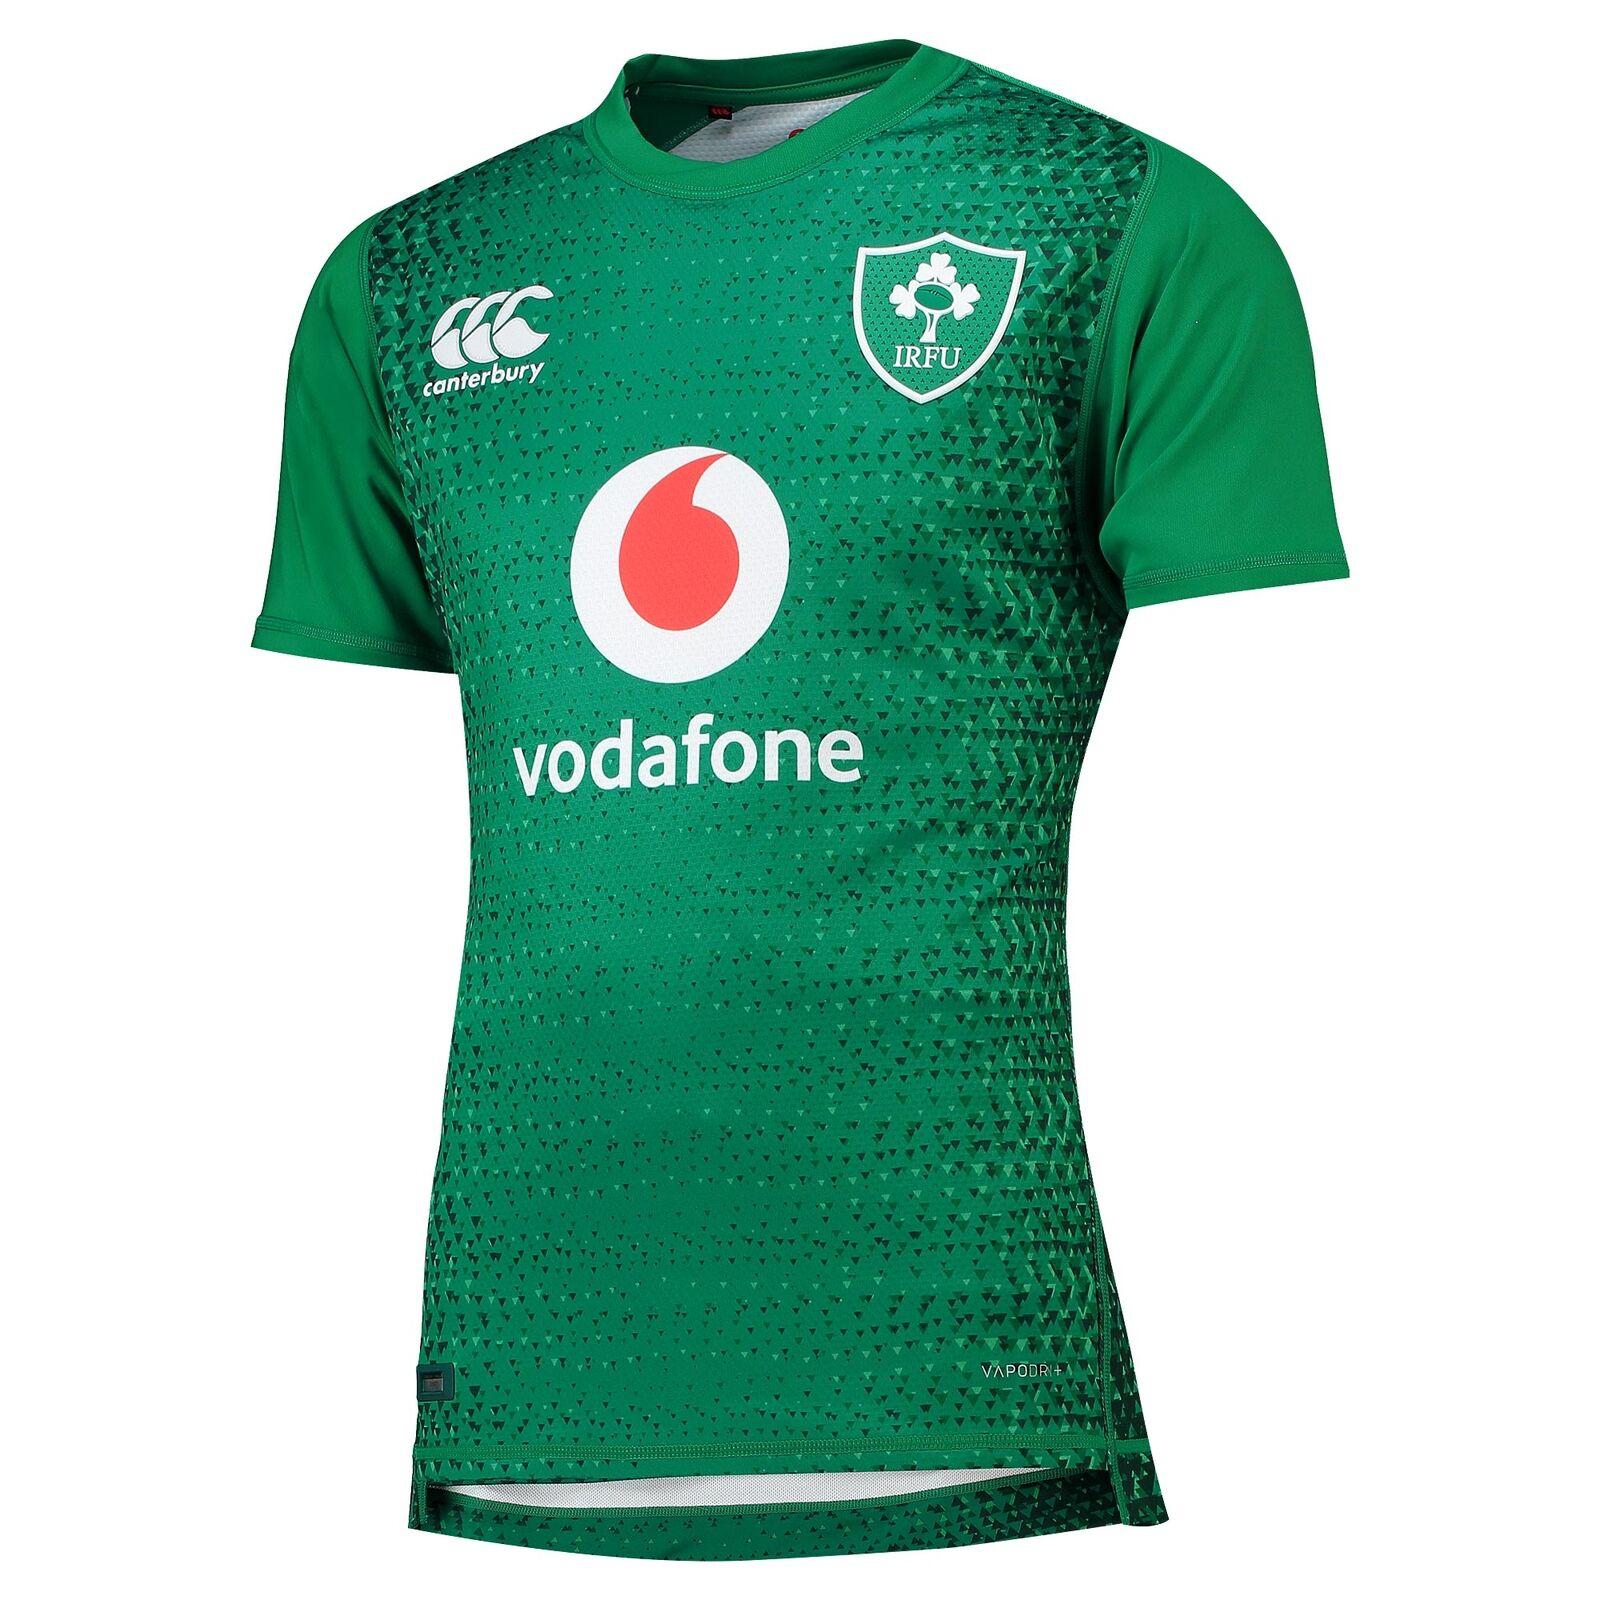 Irland + Heim Test Rugby Trikot Shirt Kurzarm Trainingsshirt 2018 19 Grün Herren       Überlegene Qualität    Elegante und robuste Verpackung    Professionelles Design